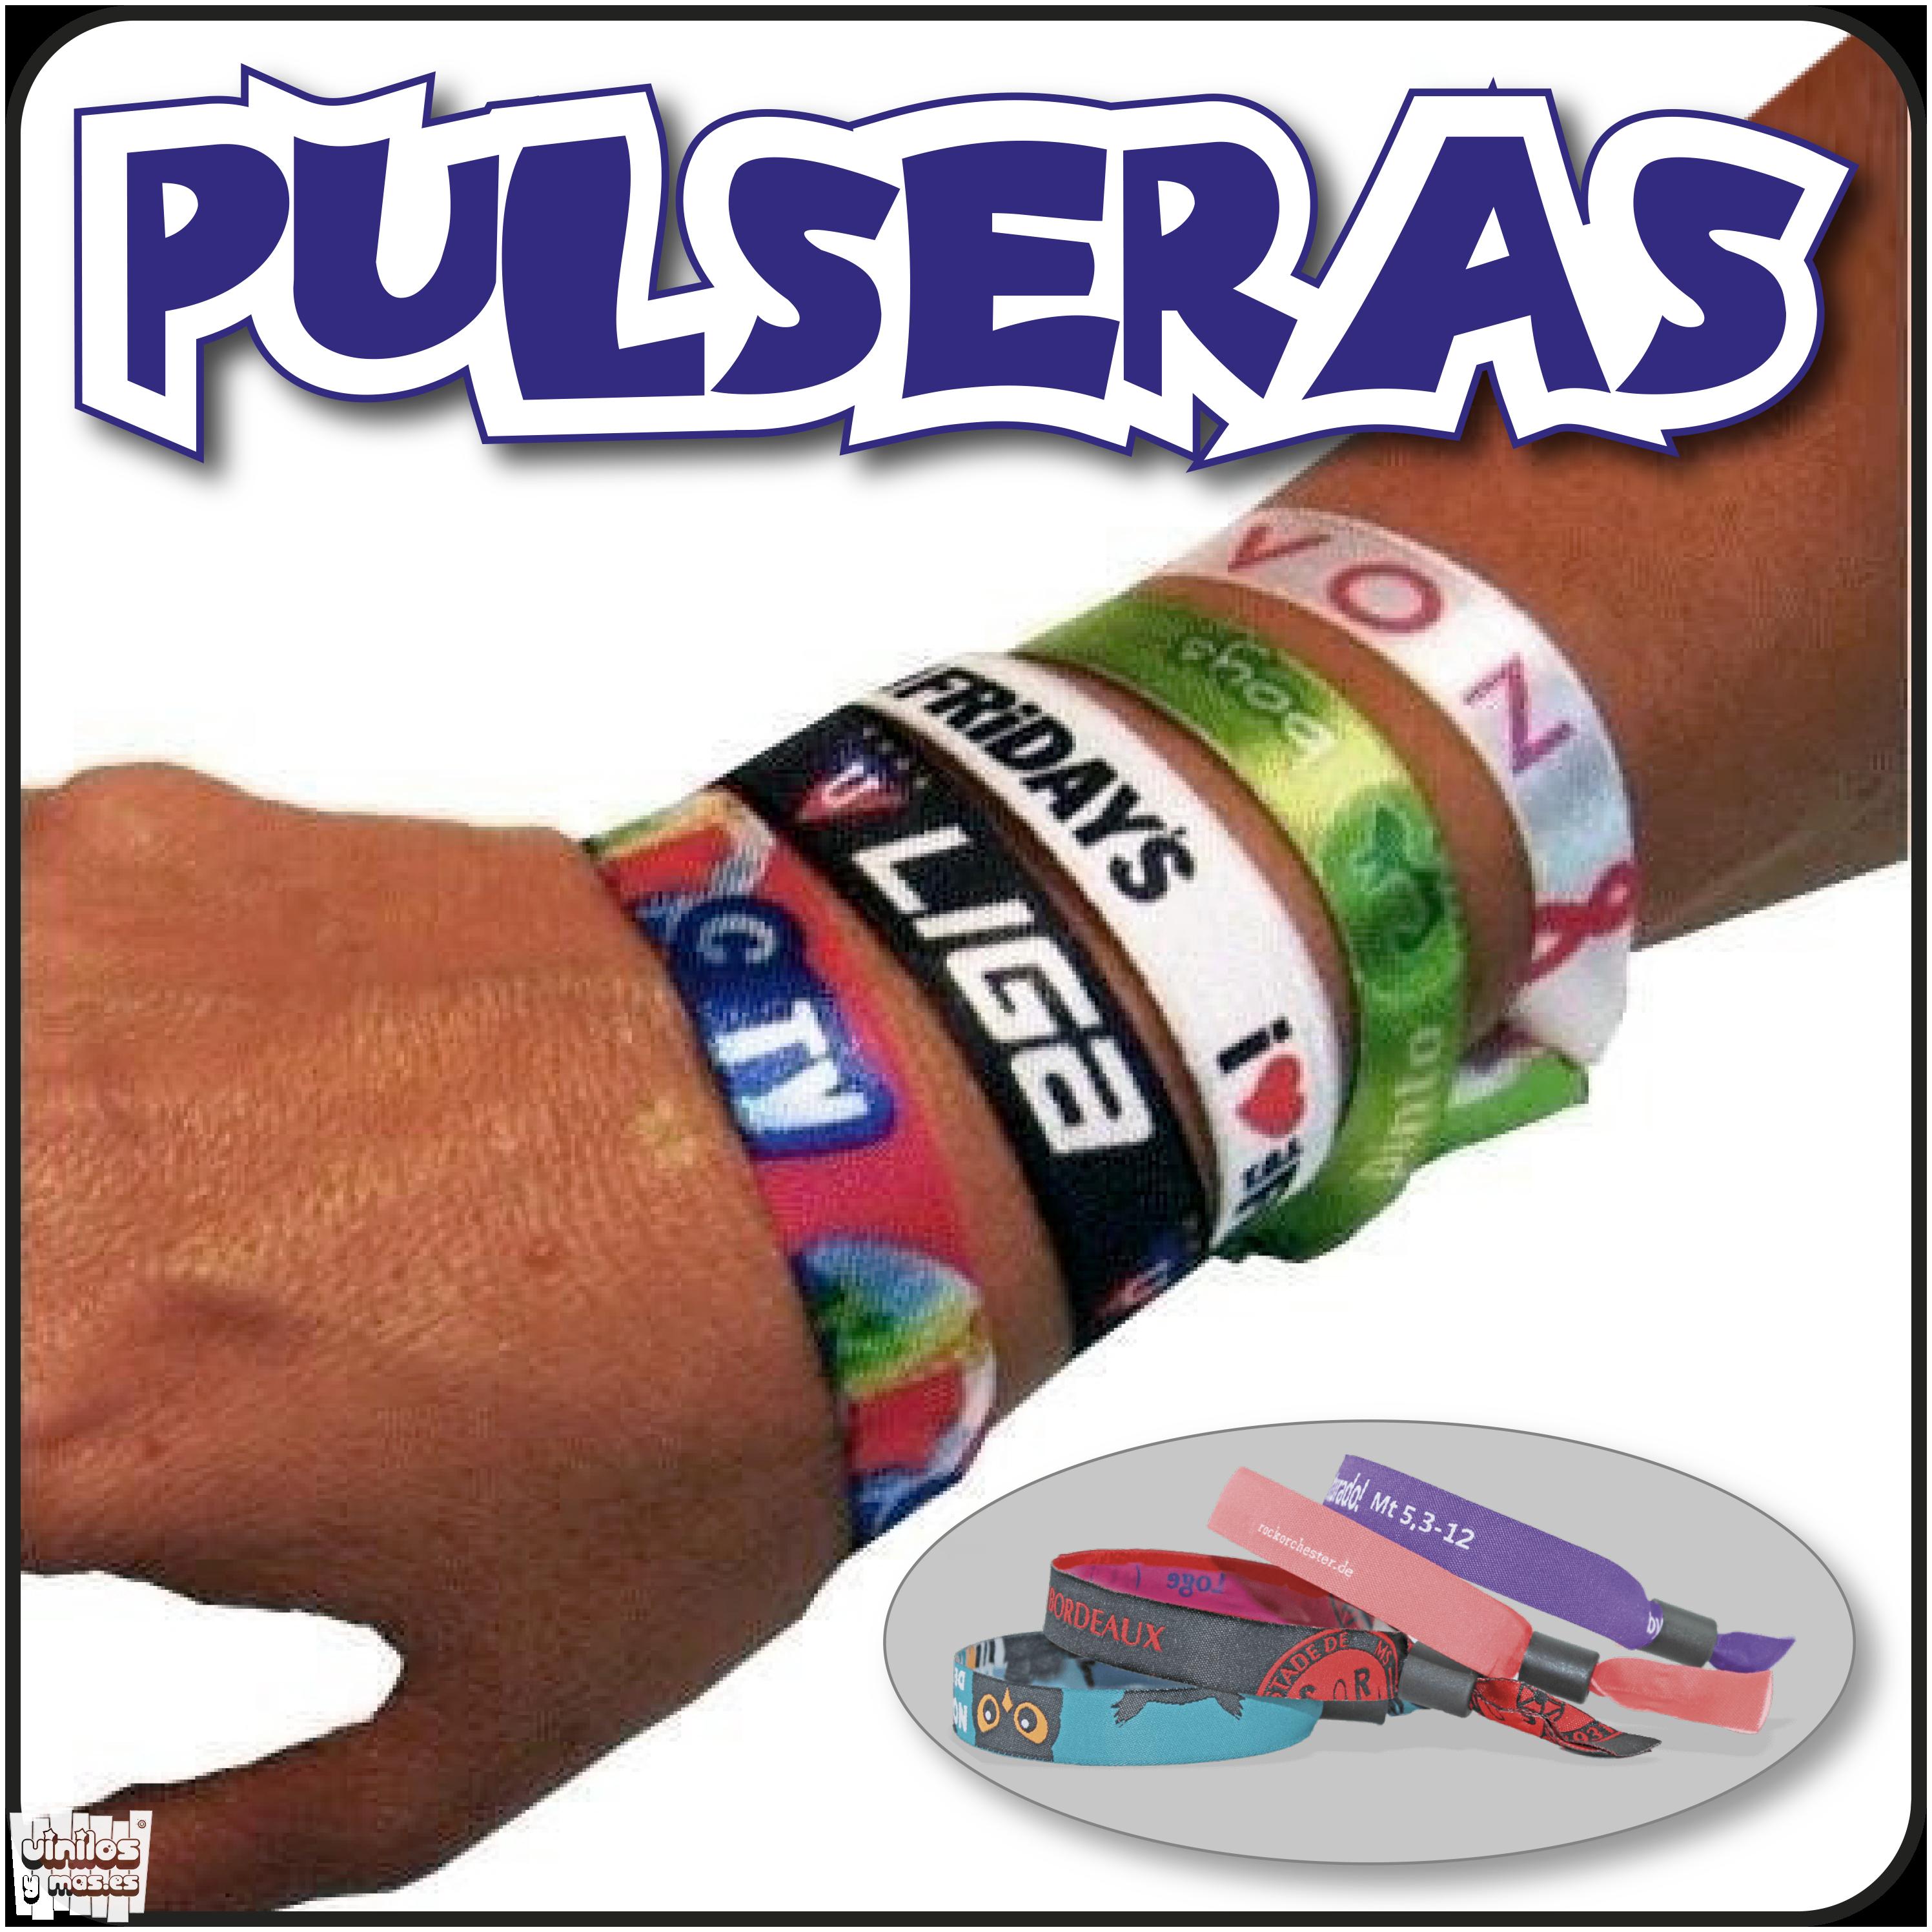 b914879f38d5 Pulseras tela personalizadas » Vinilosymas.es